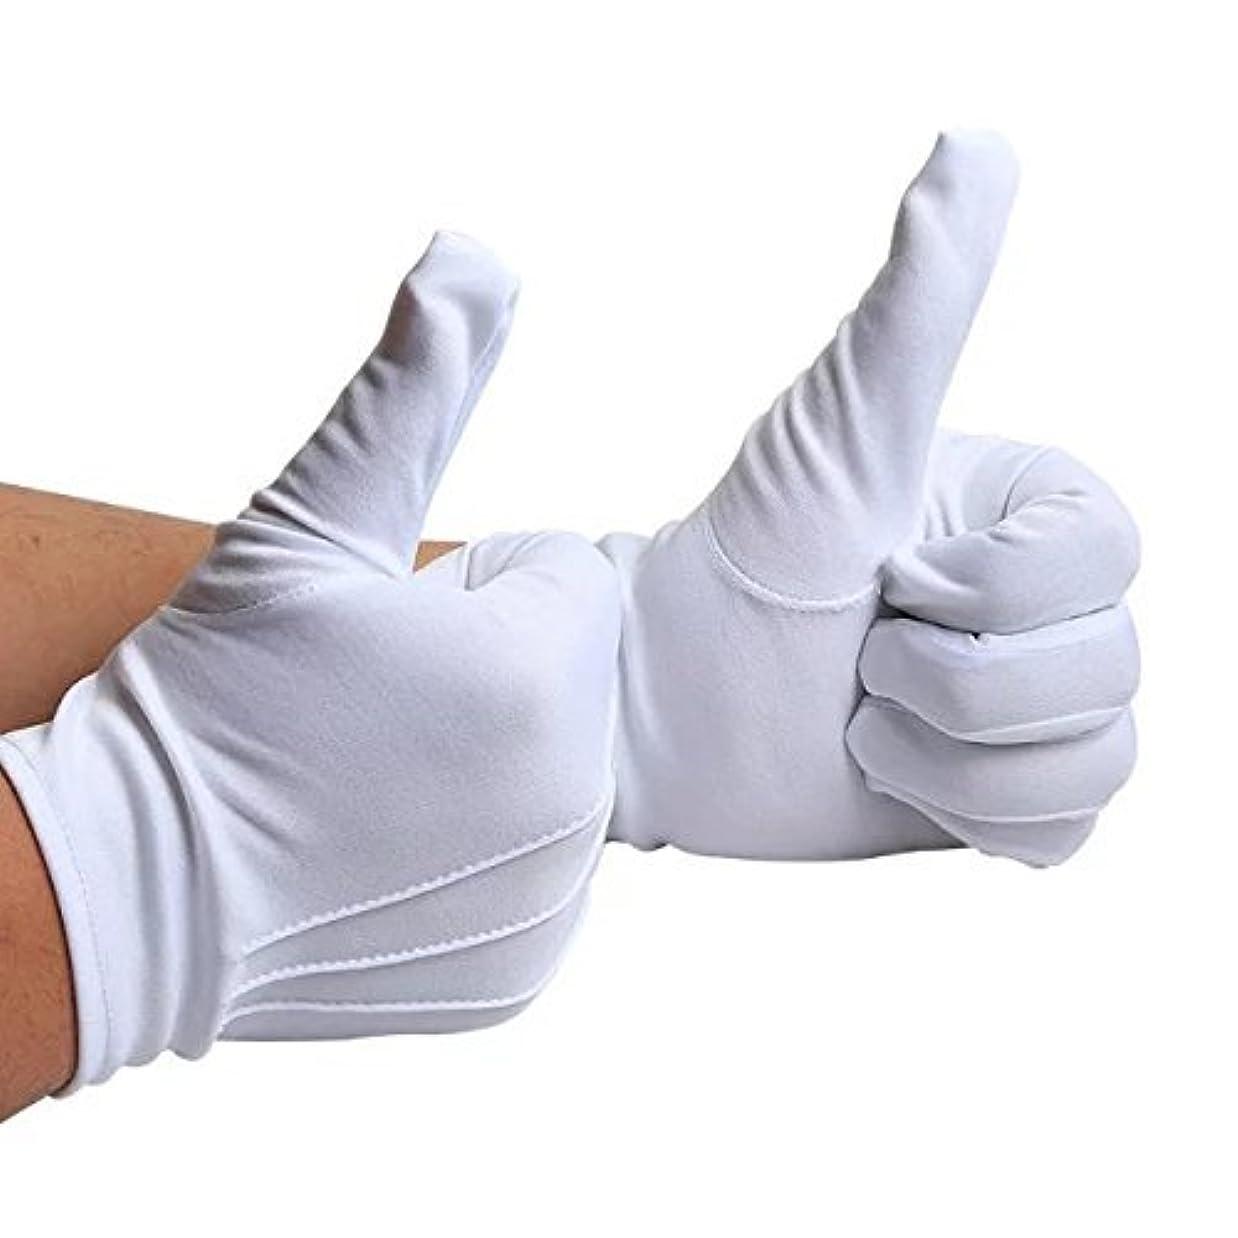 からに変化するオートメーション窒素【10双組セット】 ナイロン 手袋 白 紳士 水洗い可 スリット無し